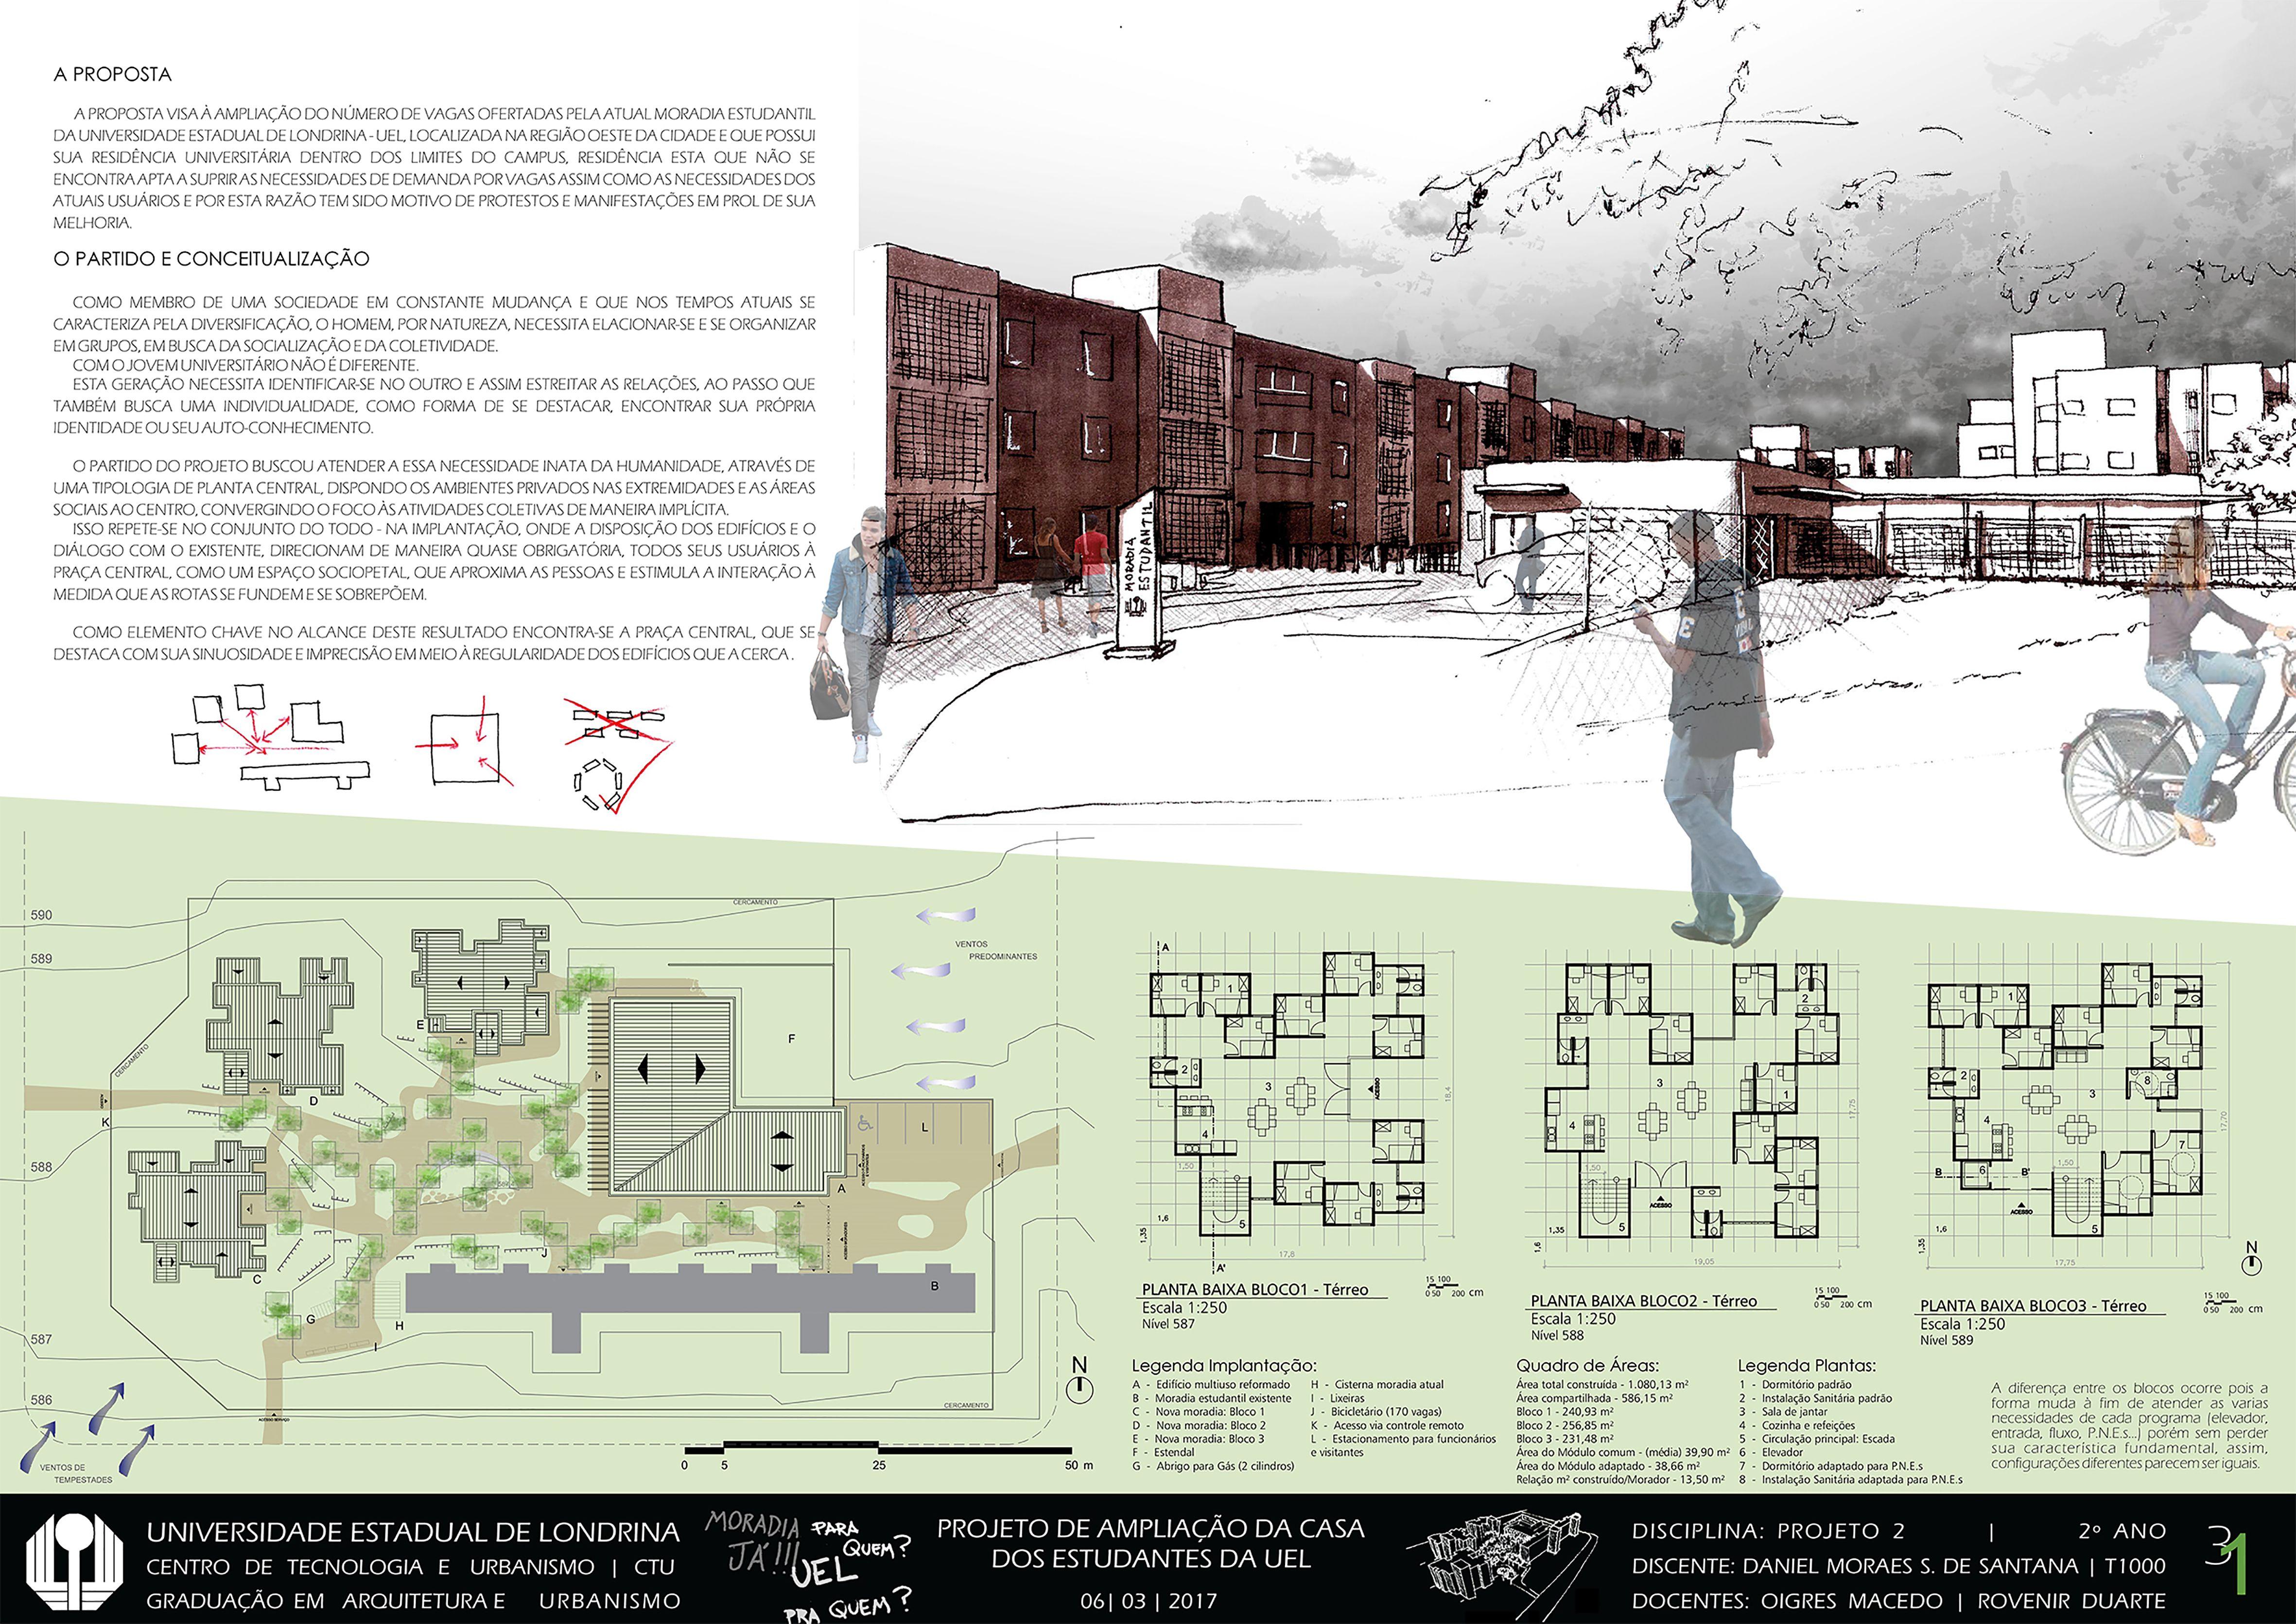 Excepcional Projeto Arquitetura | Moradia Estudantil | Casa Universitária  JY05